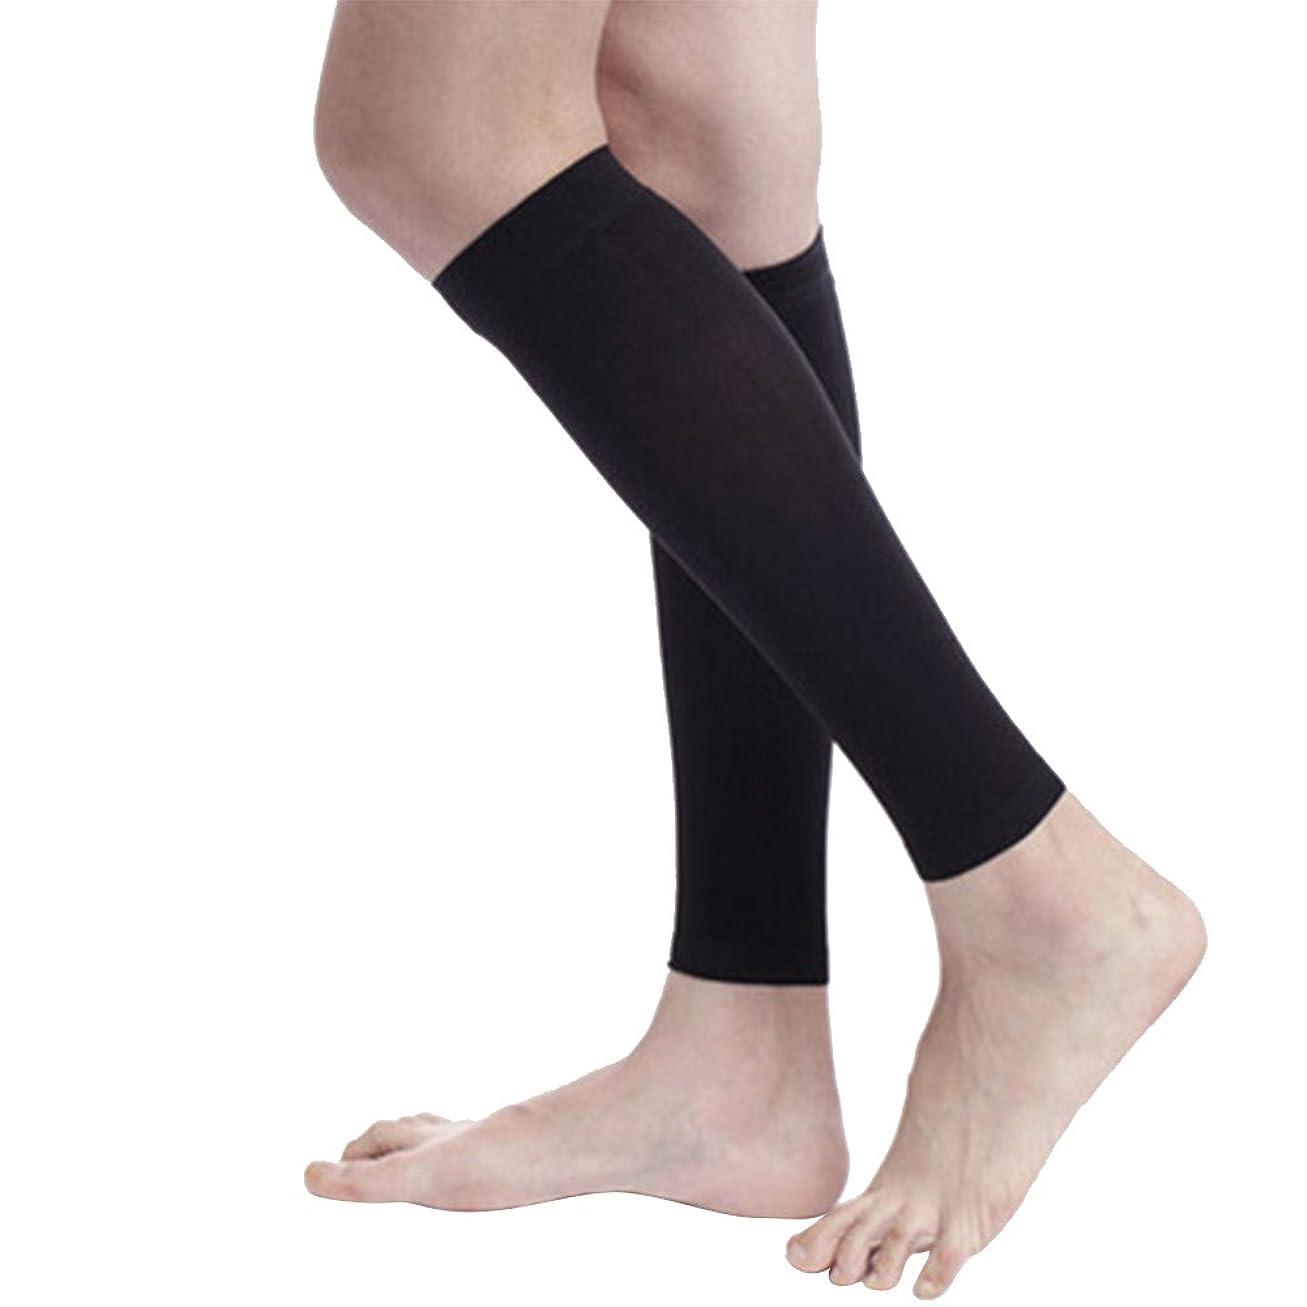 スワップ資料のれんMEJORMEN 着圧ソックス 段階式圧力設計(40-50mmHg) 着圧靴下 美脚ケア お出かけ用 強圧 弾性ソックス 足の疲れ/むくみ解消 1足 男女兼用 3種類ライプ S~XXL